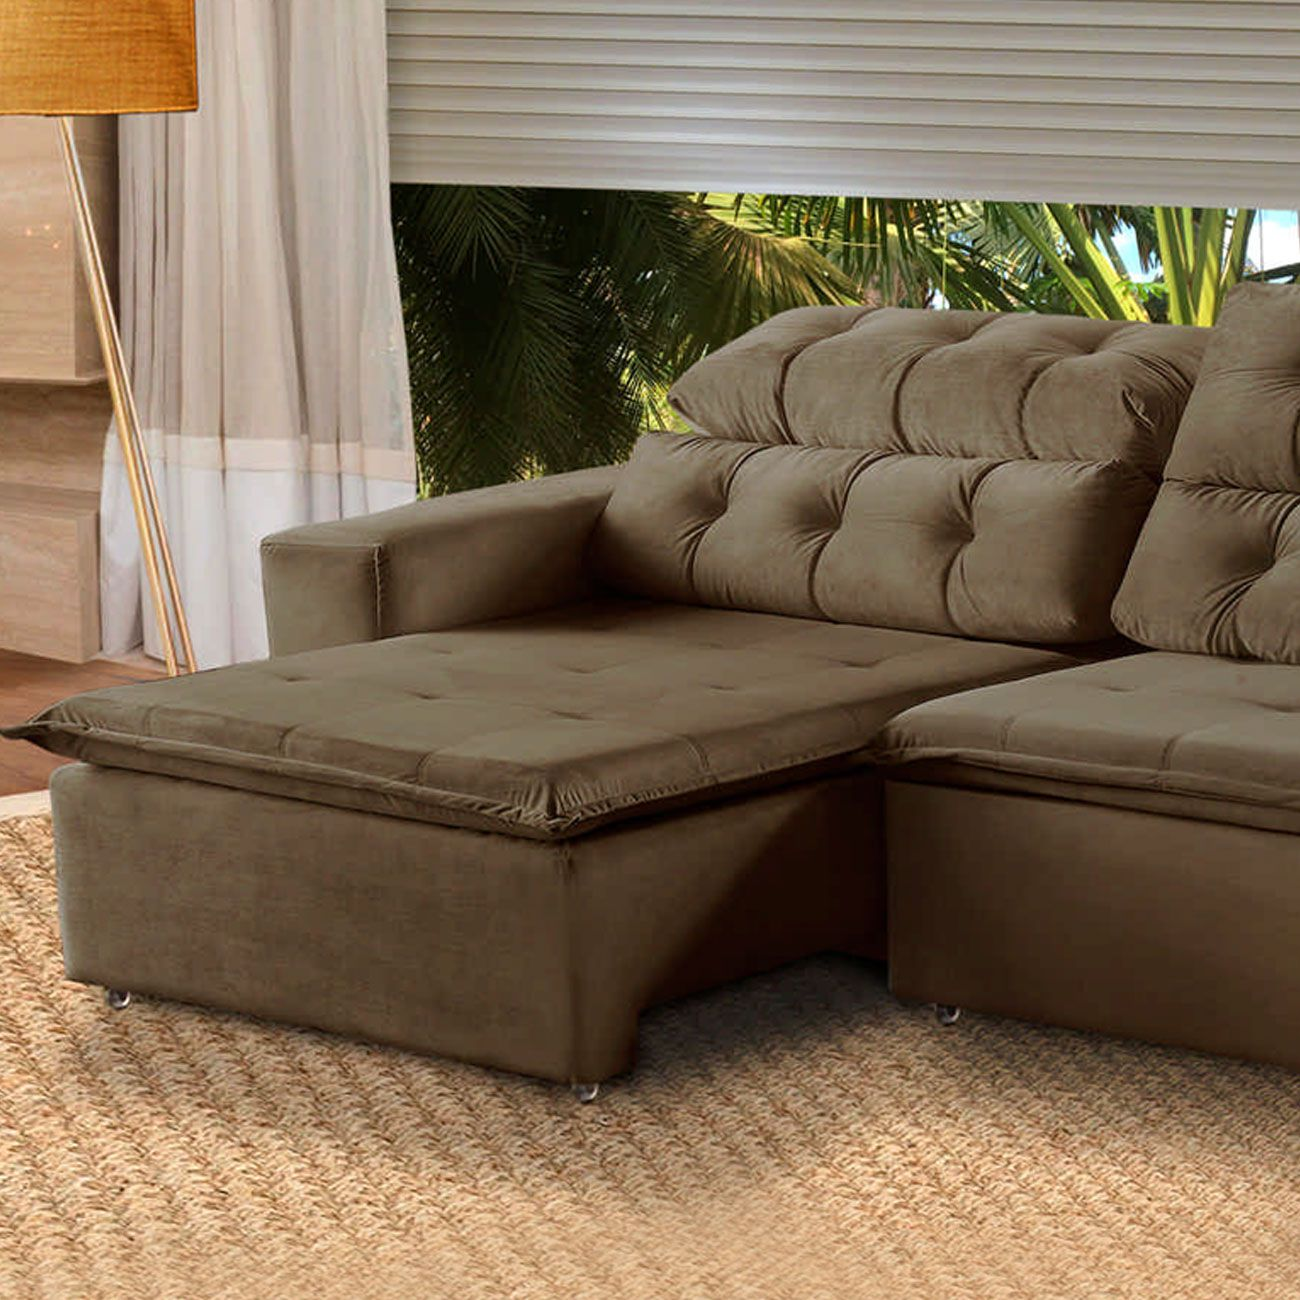 prar Sofá 5 Lugares Alasca 250 cm Retrátil e Reclinável Pillow Veludo Marrom512 MegaSul